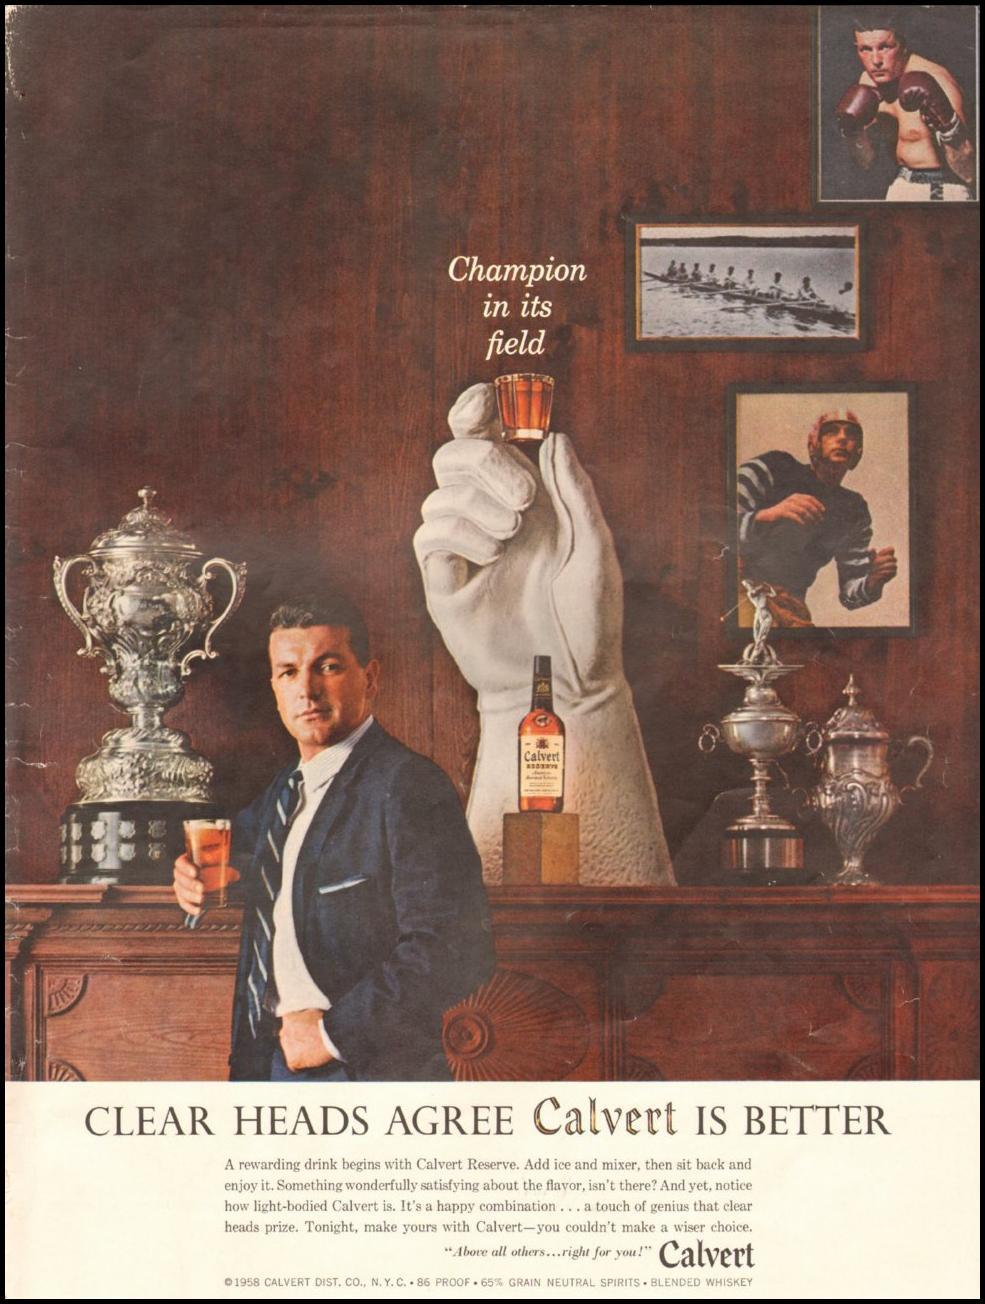 CALVERT RESERVE WHISKEY LIFE 05/19/1958 INSIDE BACK